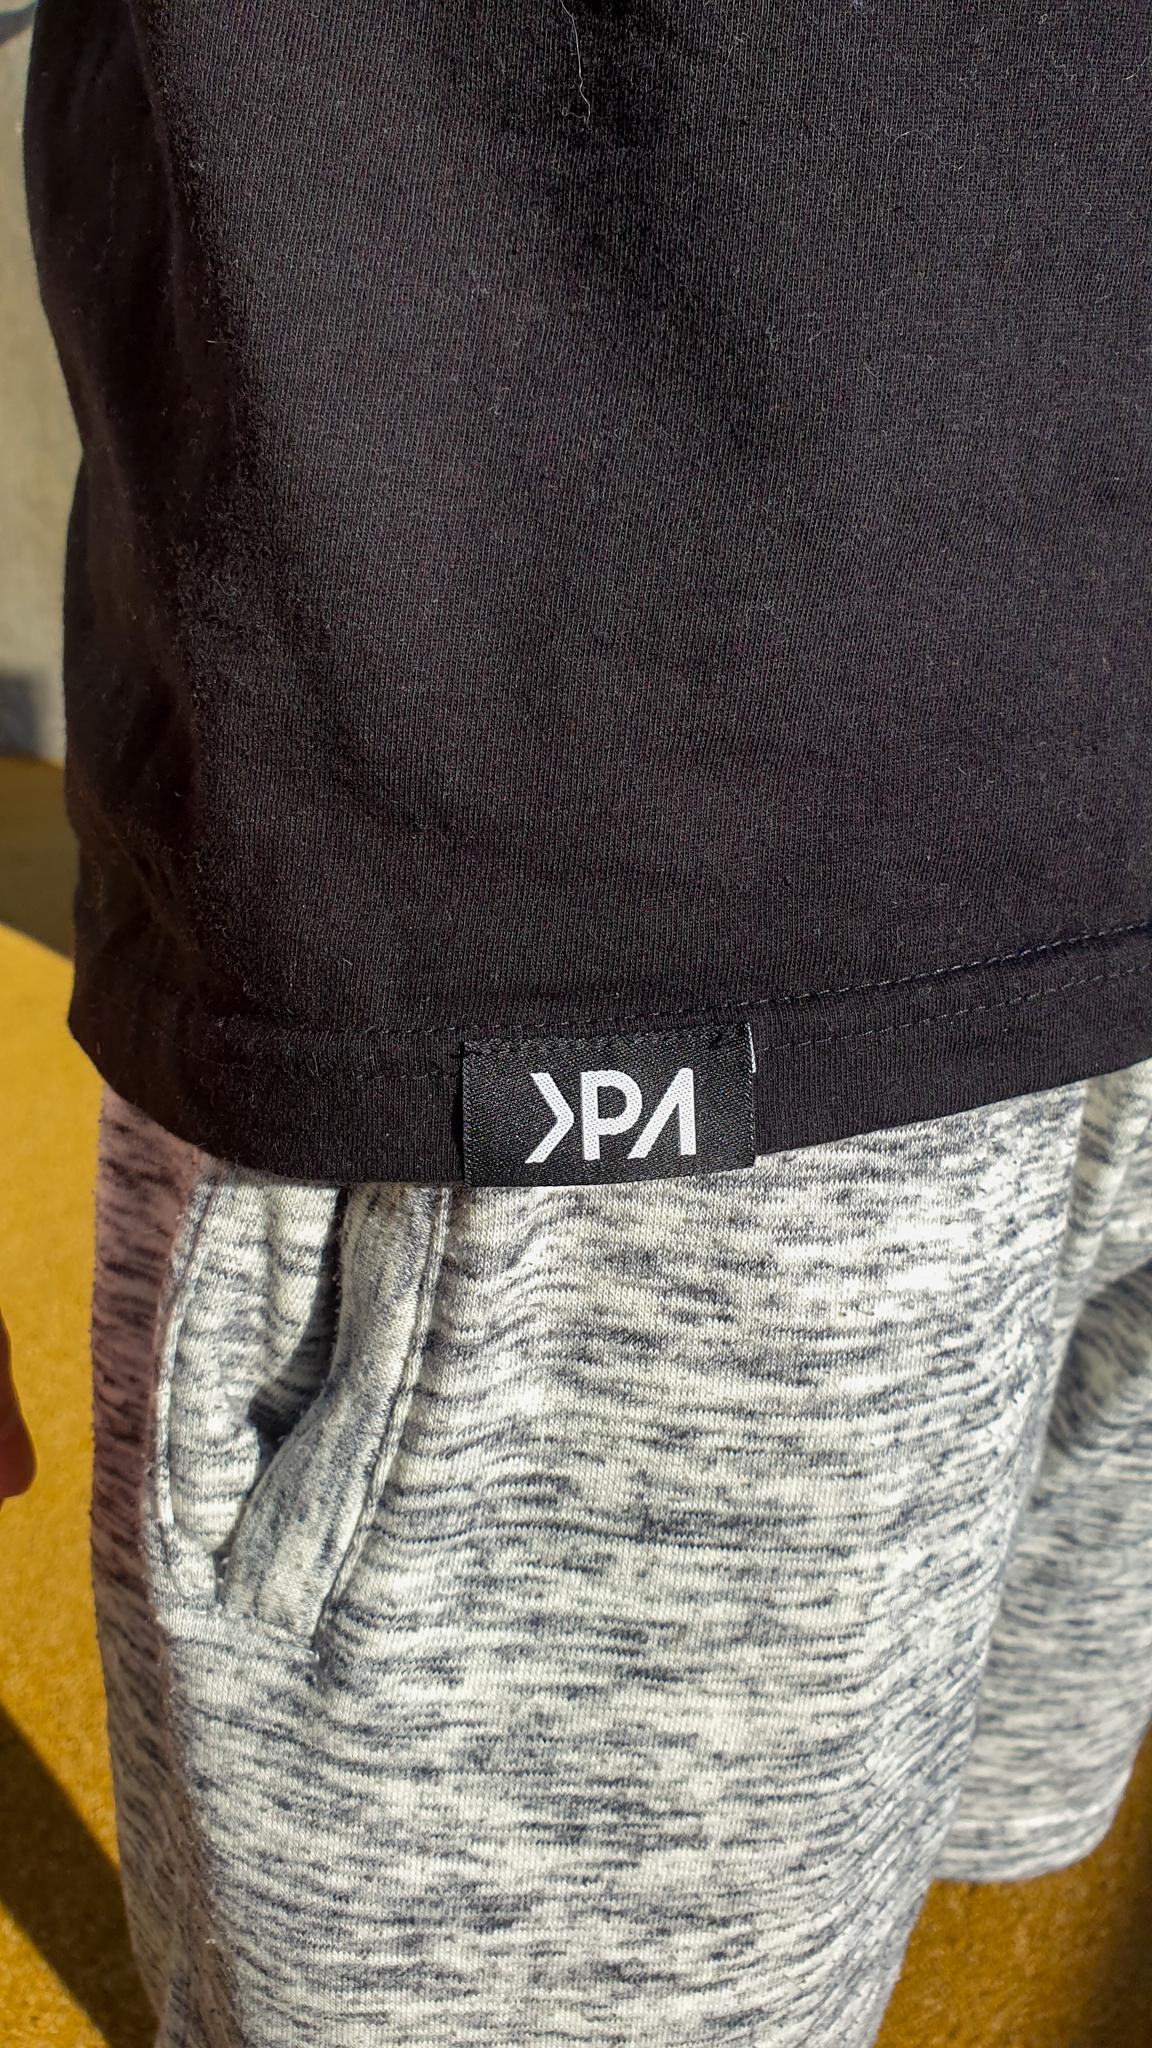 DavidKPa-tshirtModelTagfront